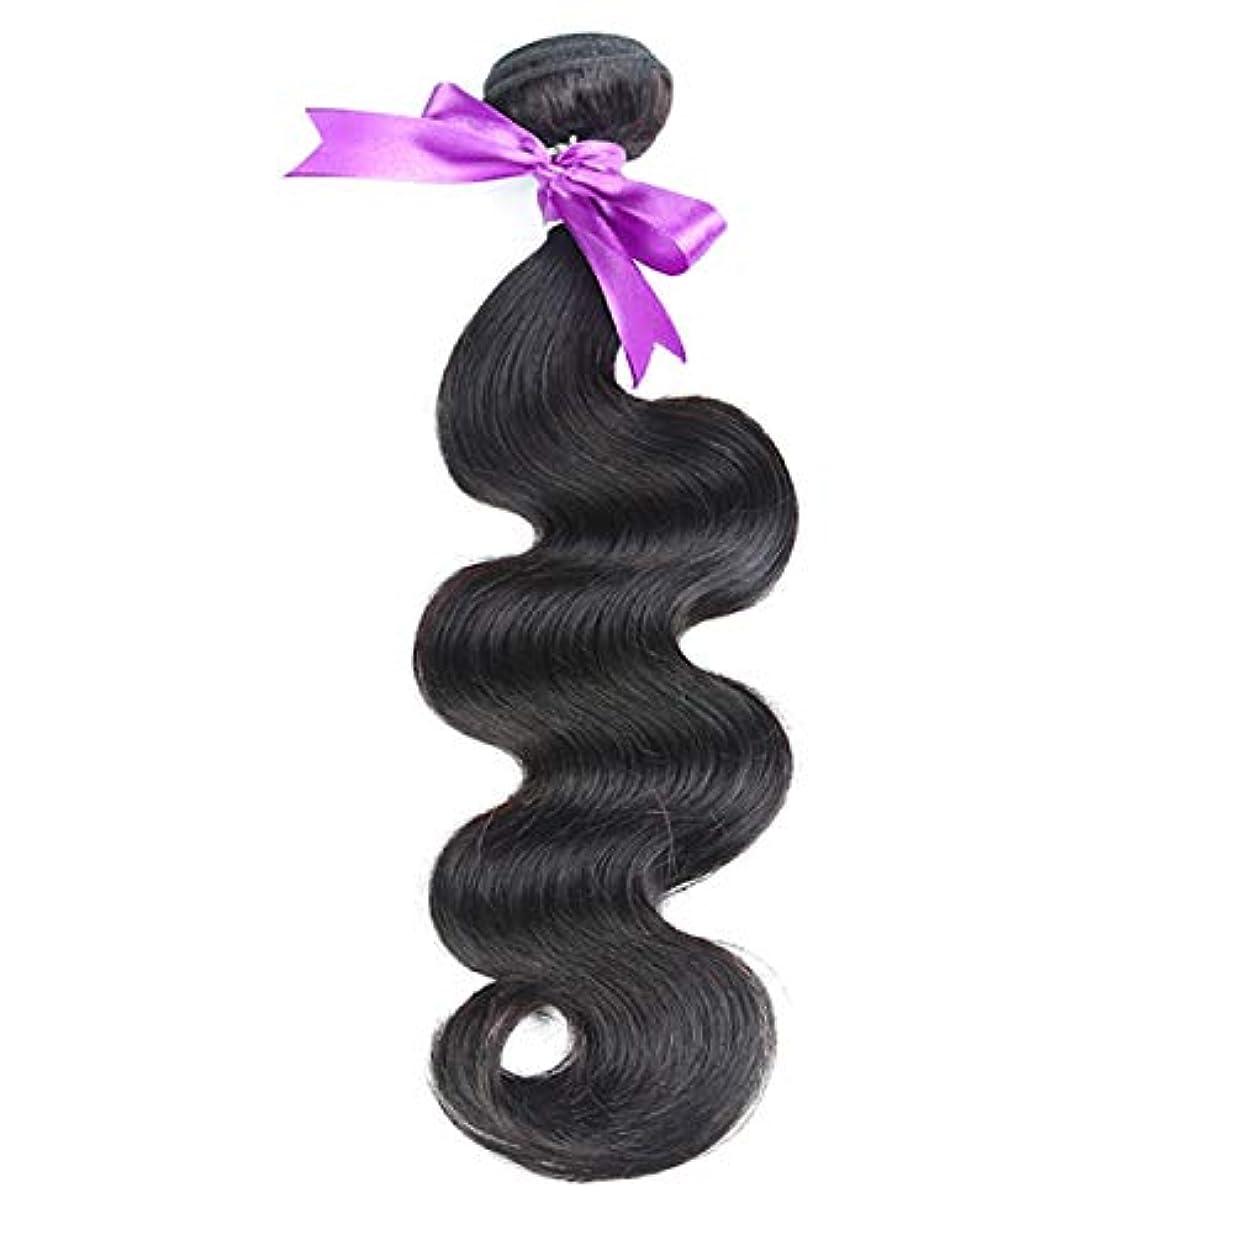 リース海岸中央値ペルーの髪織り実体波髪バンドル100%人間の髪織りナチュラルカラー非レミー髪8-30インチ1ピース (Stretched Length : 8inches)